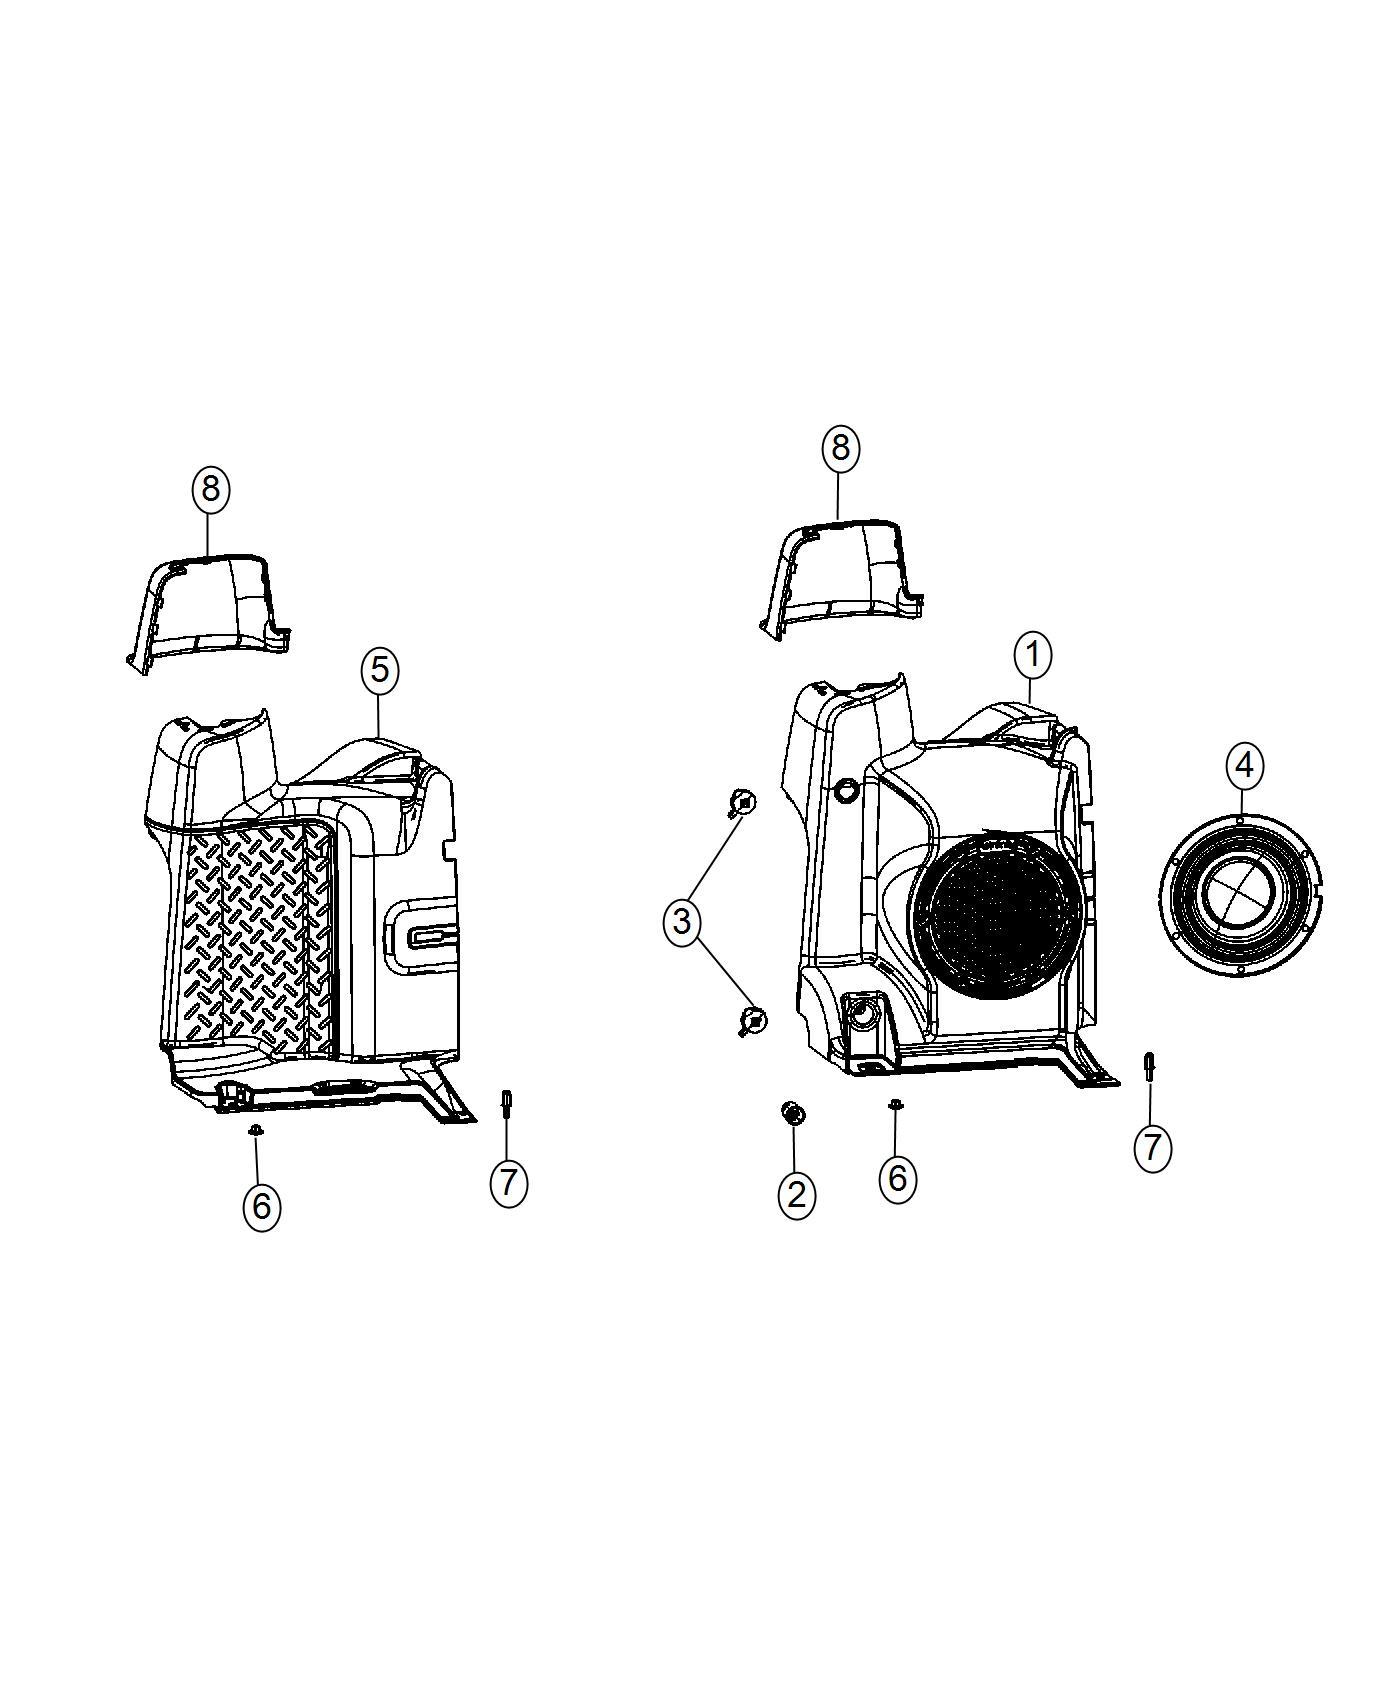 2016 Jeep Wrangler Stud. 1 end. M6x1.00x22.00. Trim